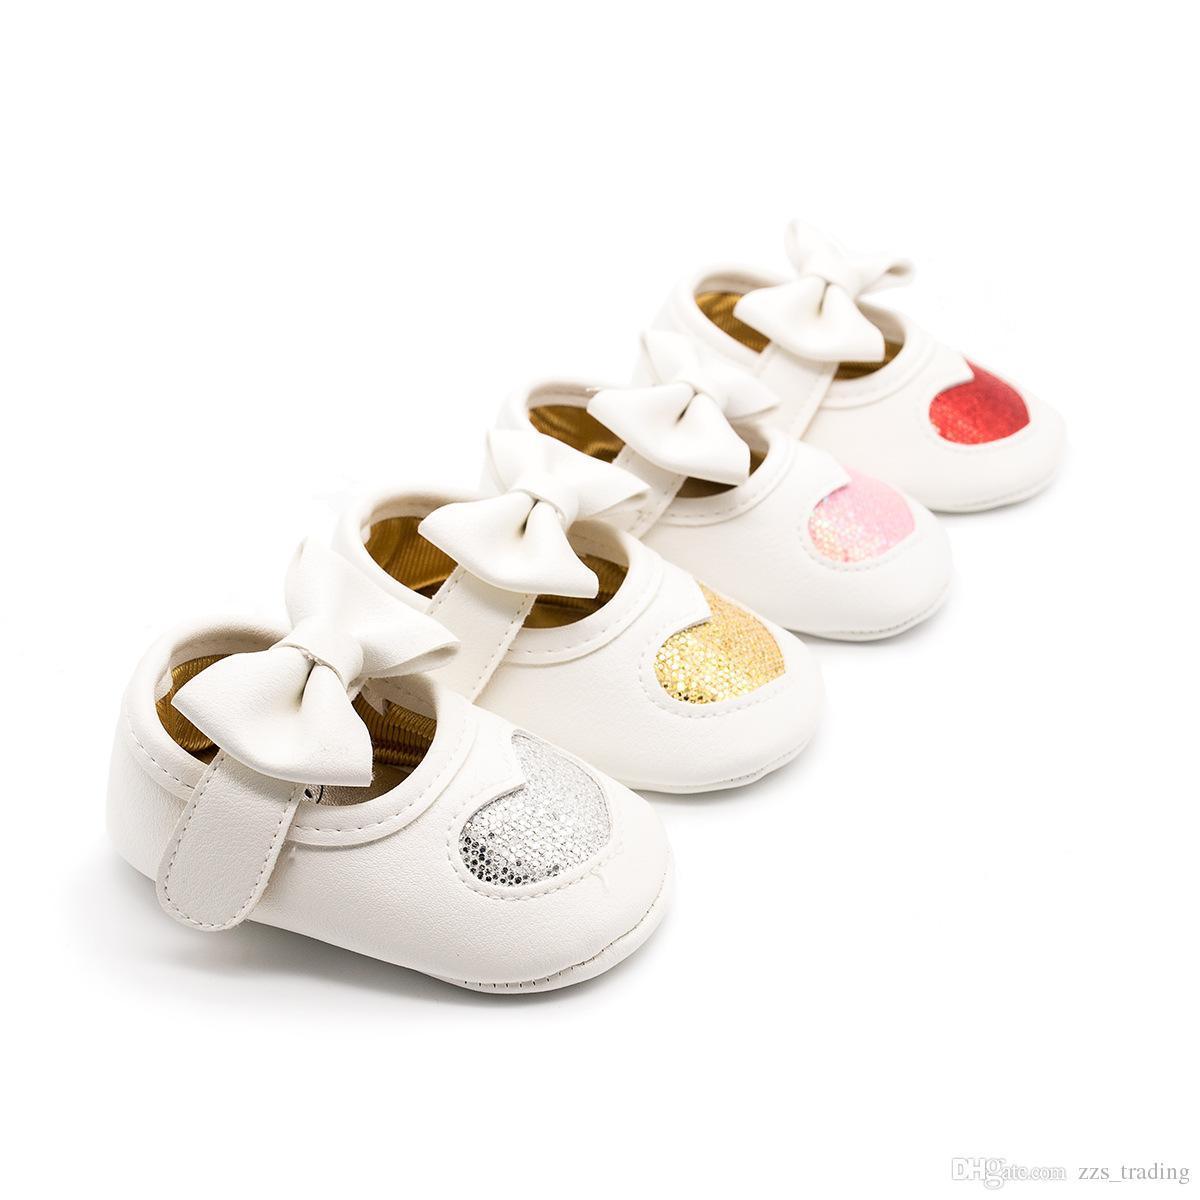 84267d93b022c Acheter 4 Couleurs Bébé Filles Princesse Chaussures Bébé Mignon Chaussures  Premier Marcheur Toddler Enfants Filles Coton Coeur Sequin Infantile  Semelle ...